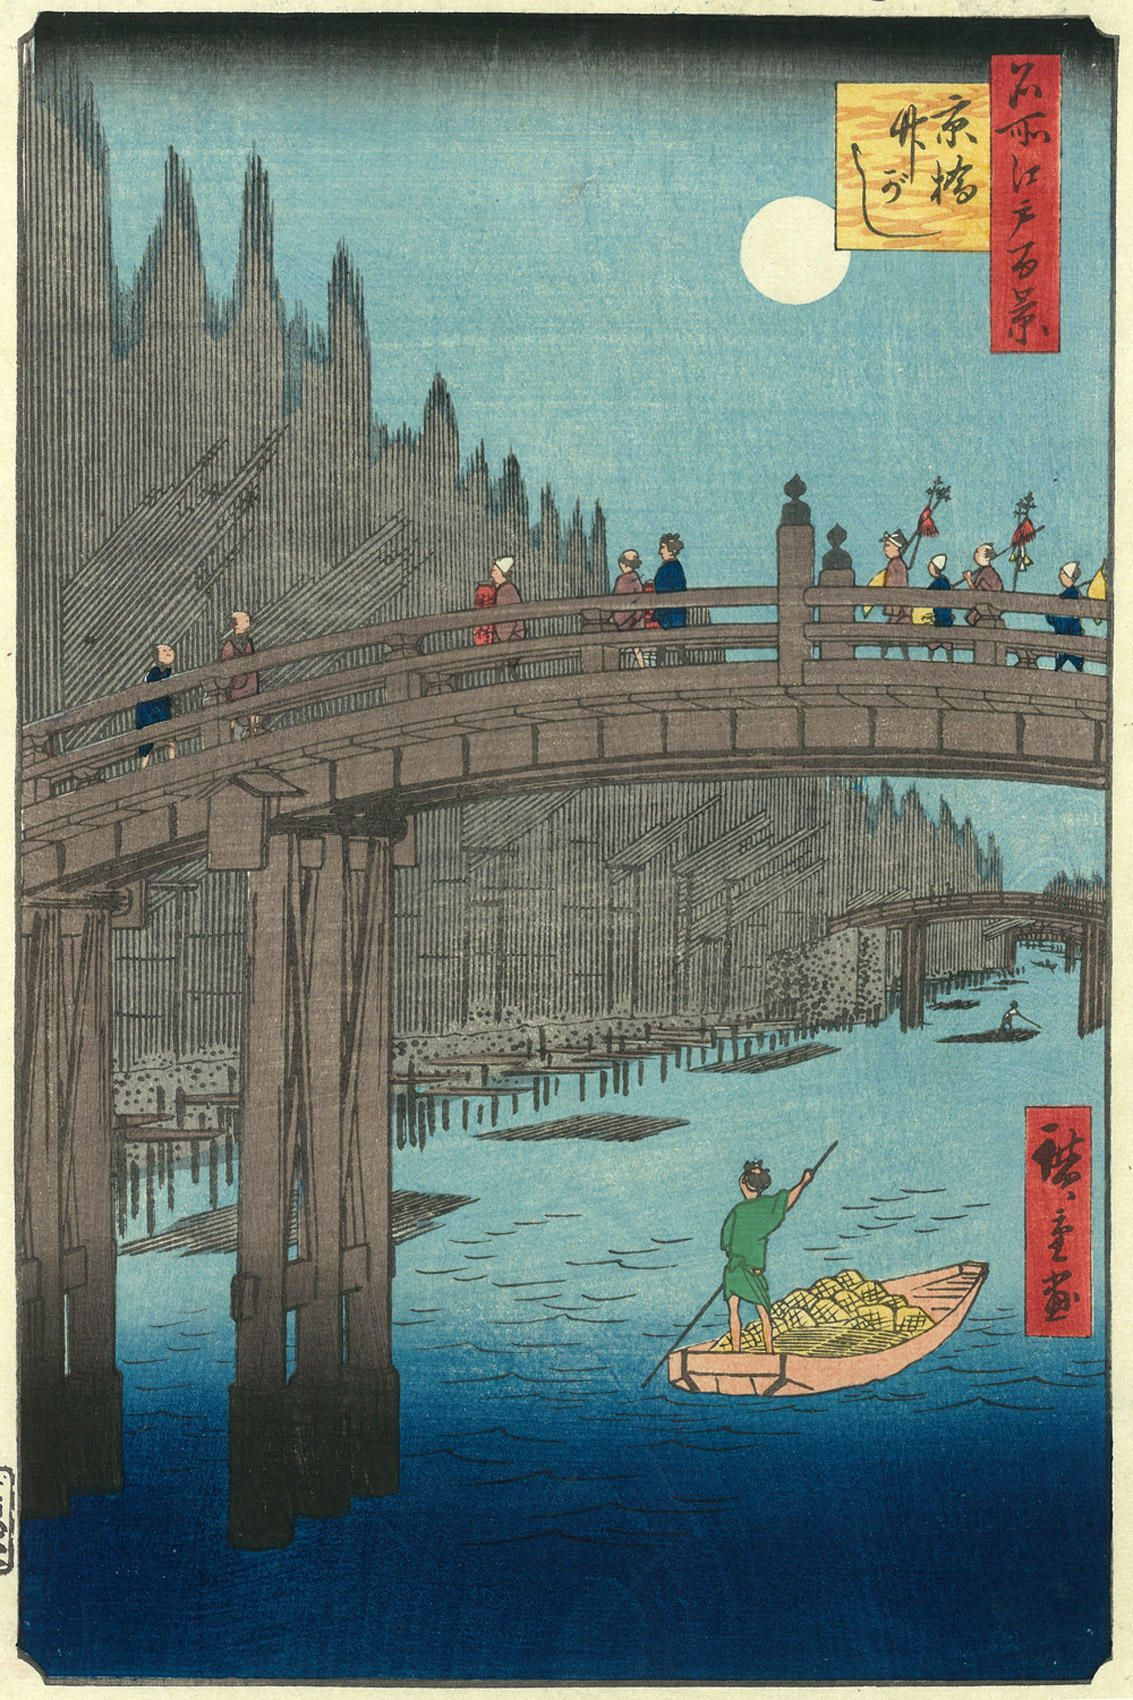 UTAGAWA HIROSHIGE Bamboo Yards, Kyôbashi Bridge from the series One Hundred Famous Places in Edo